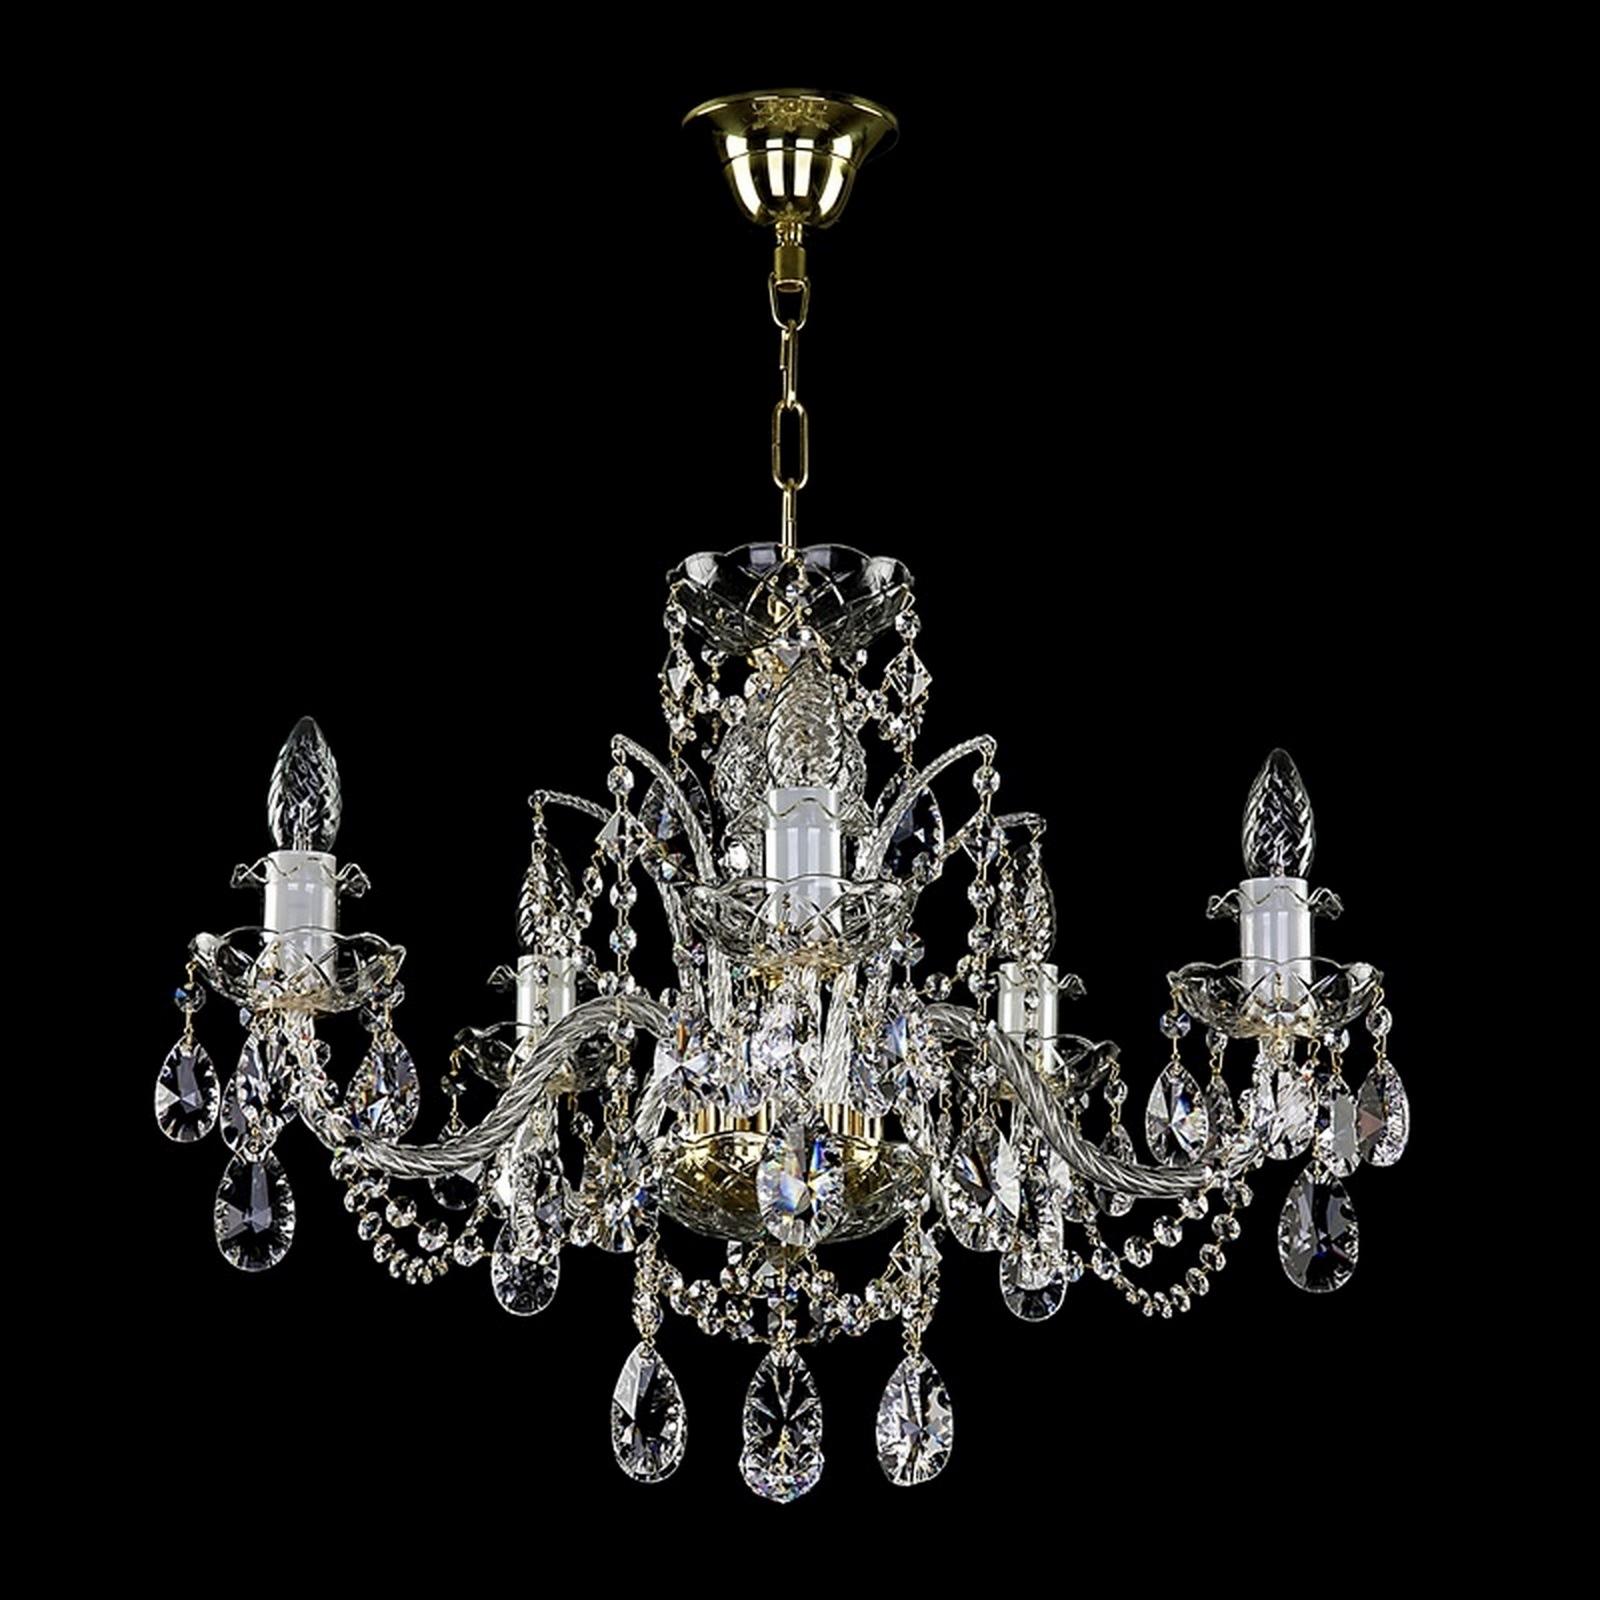 lampe kaufen kristalll ster alma v 550 chf leuchten und lampen in der schweiz artglass